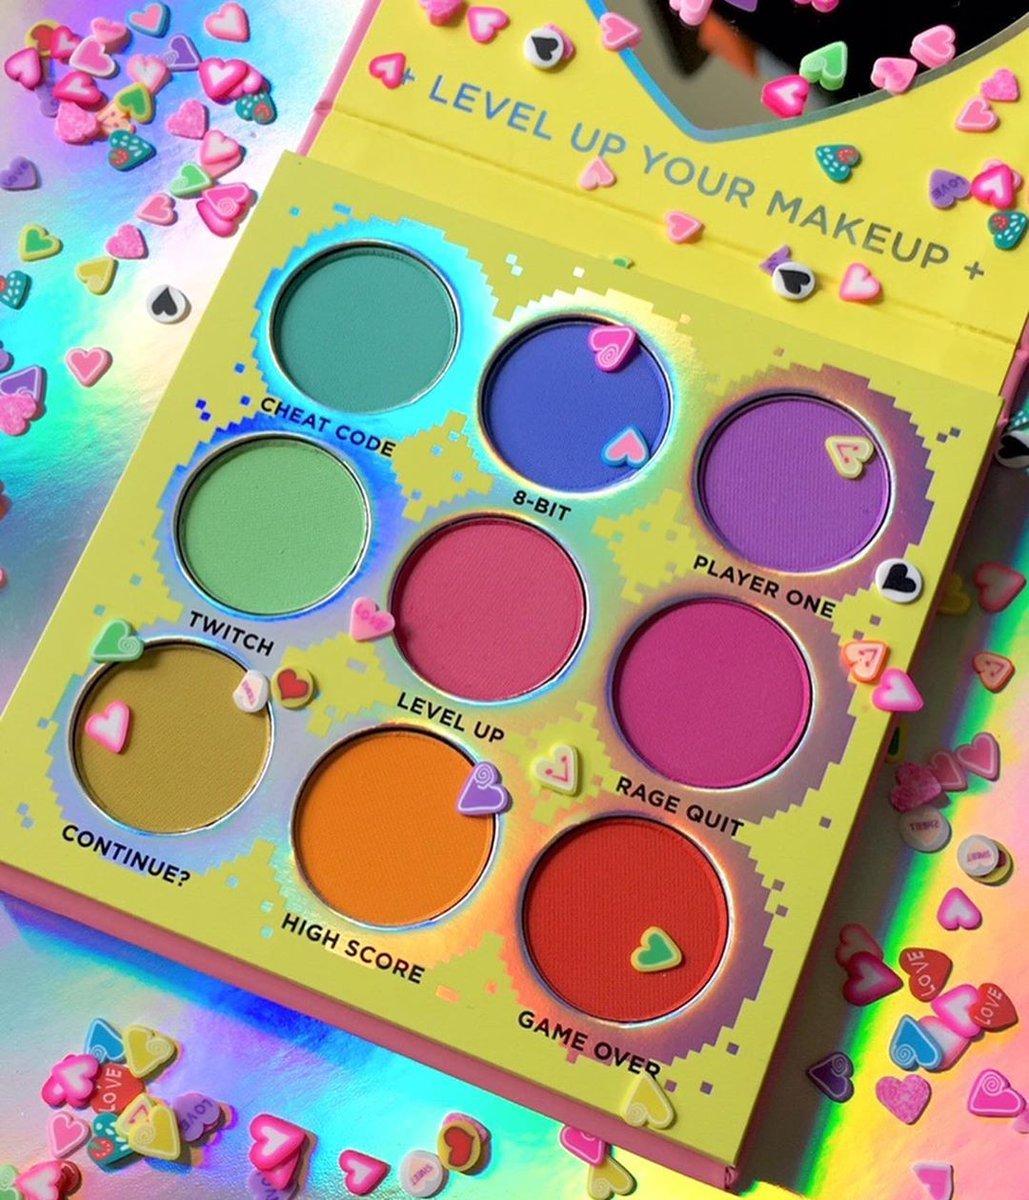 Sugarpill Cosmetics Fun Size Palette